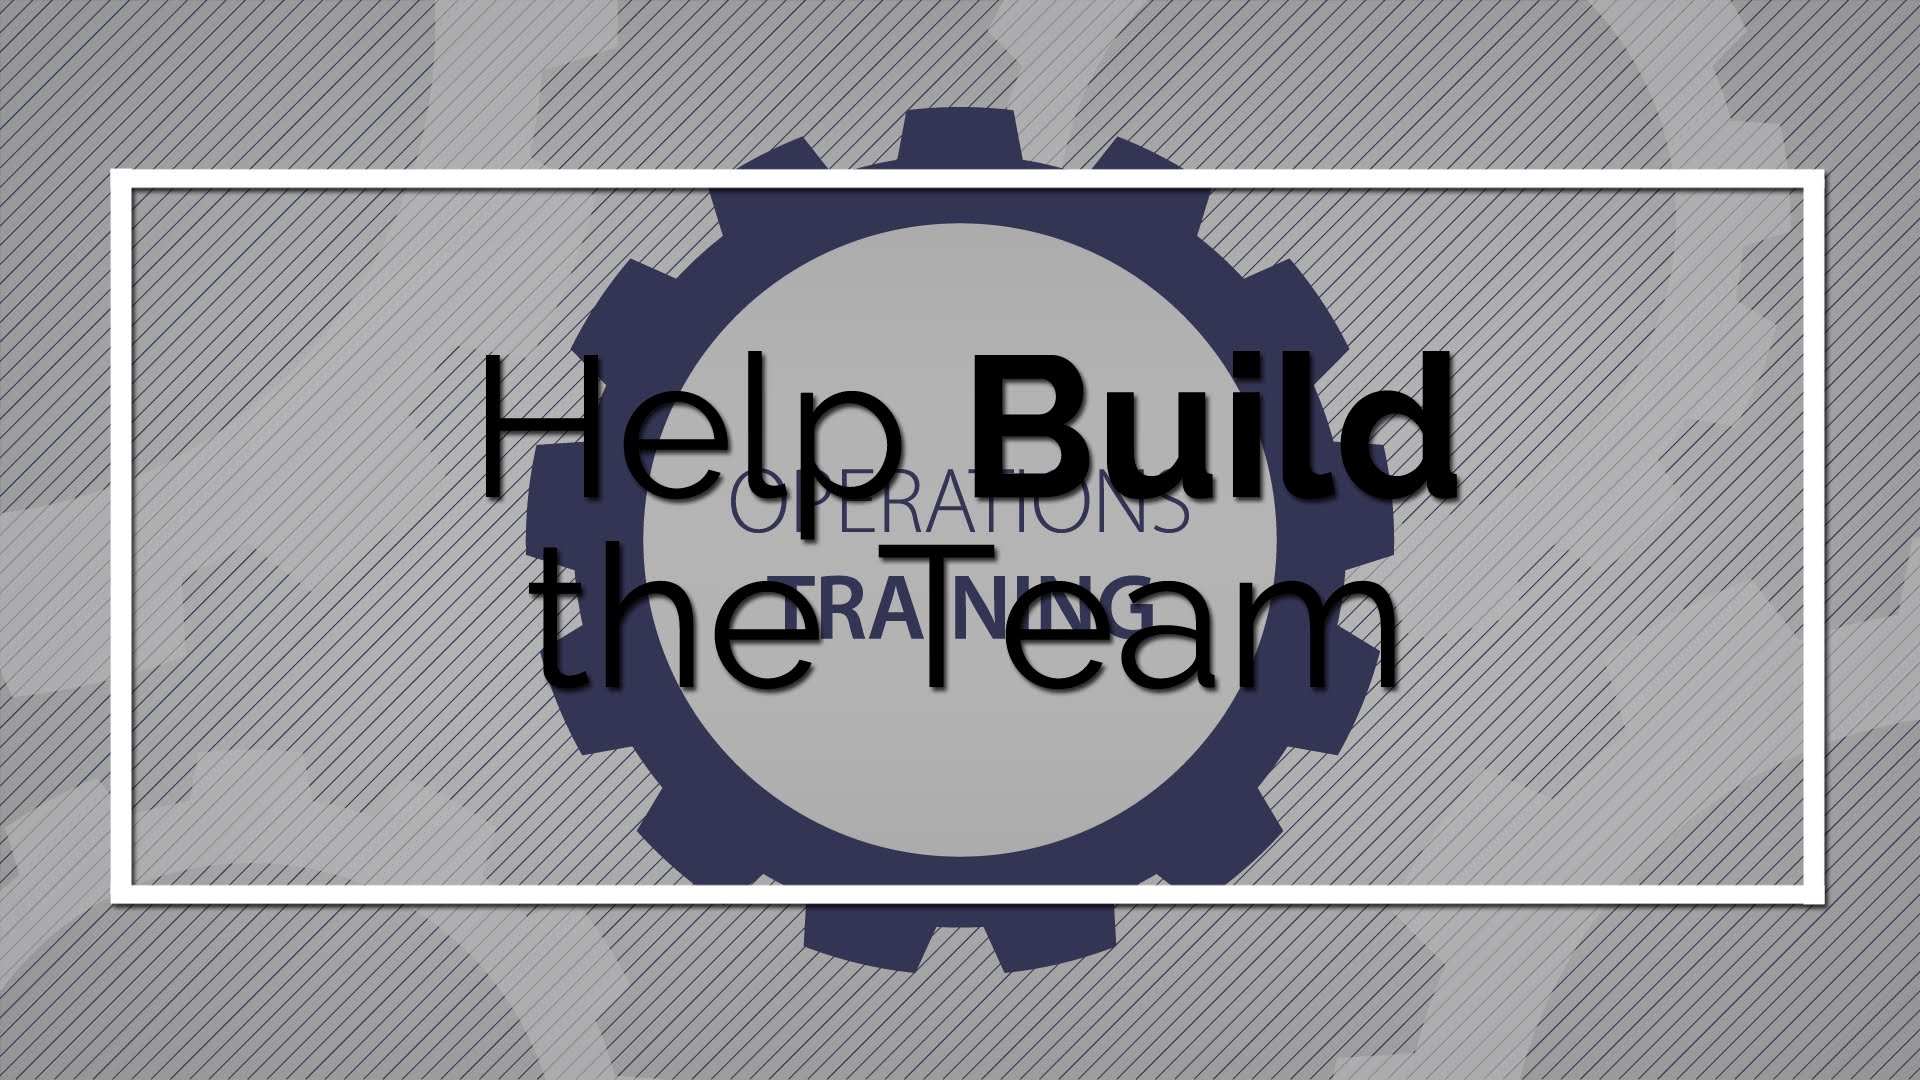 Entrenamiento de Operaciones: Ayuda a Construir el Equipo